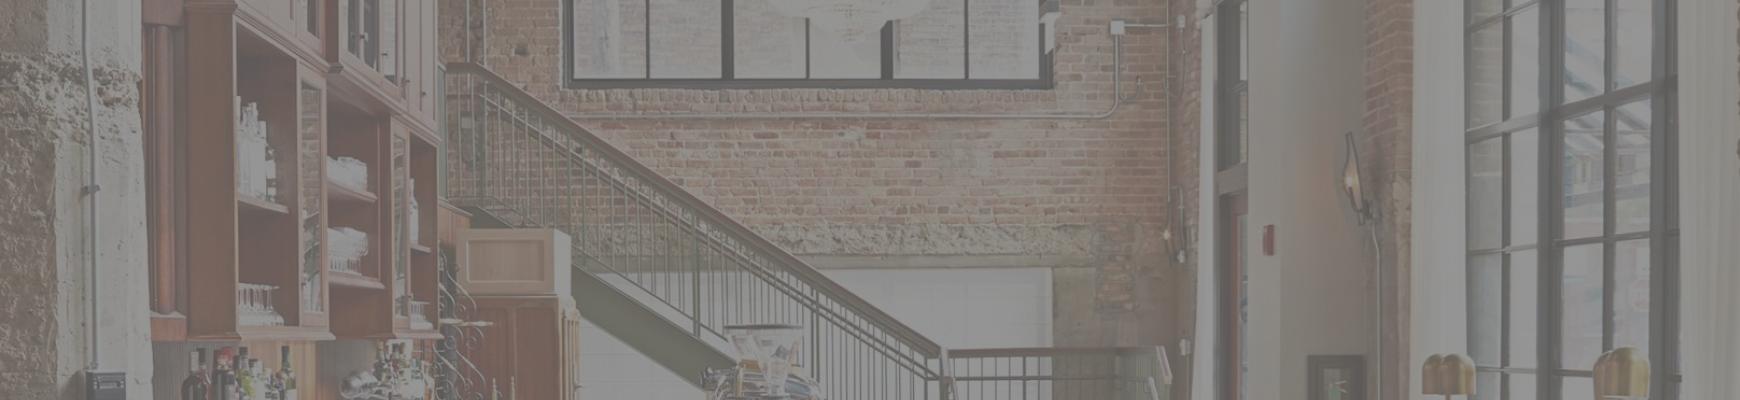 Soho House - Web Banner